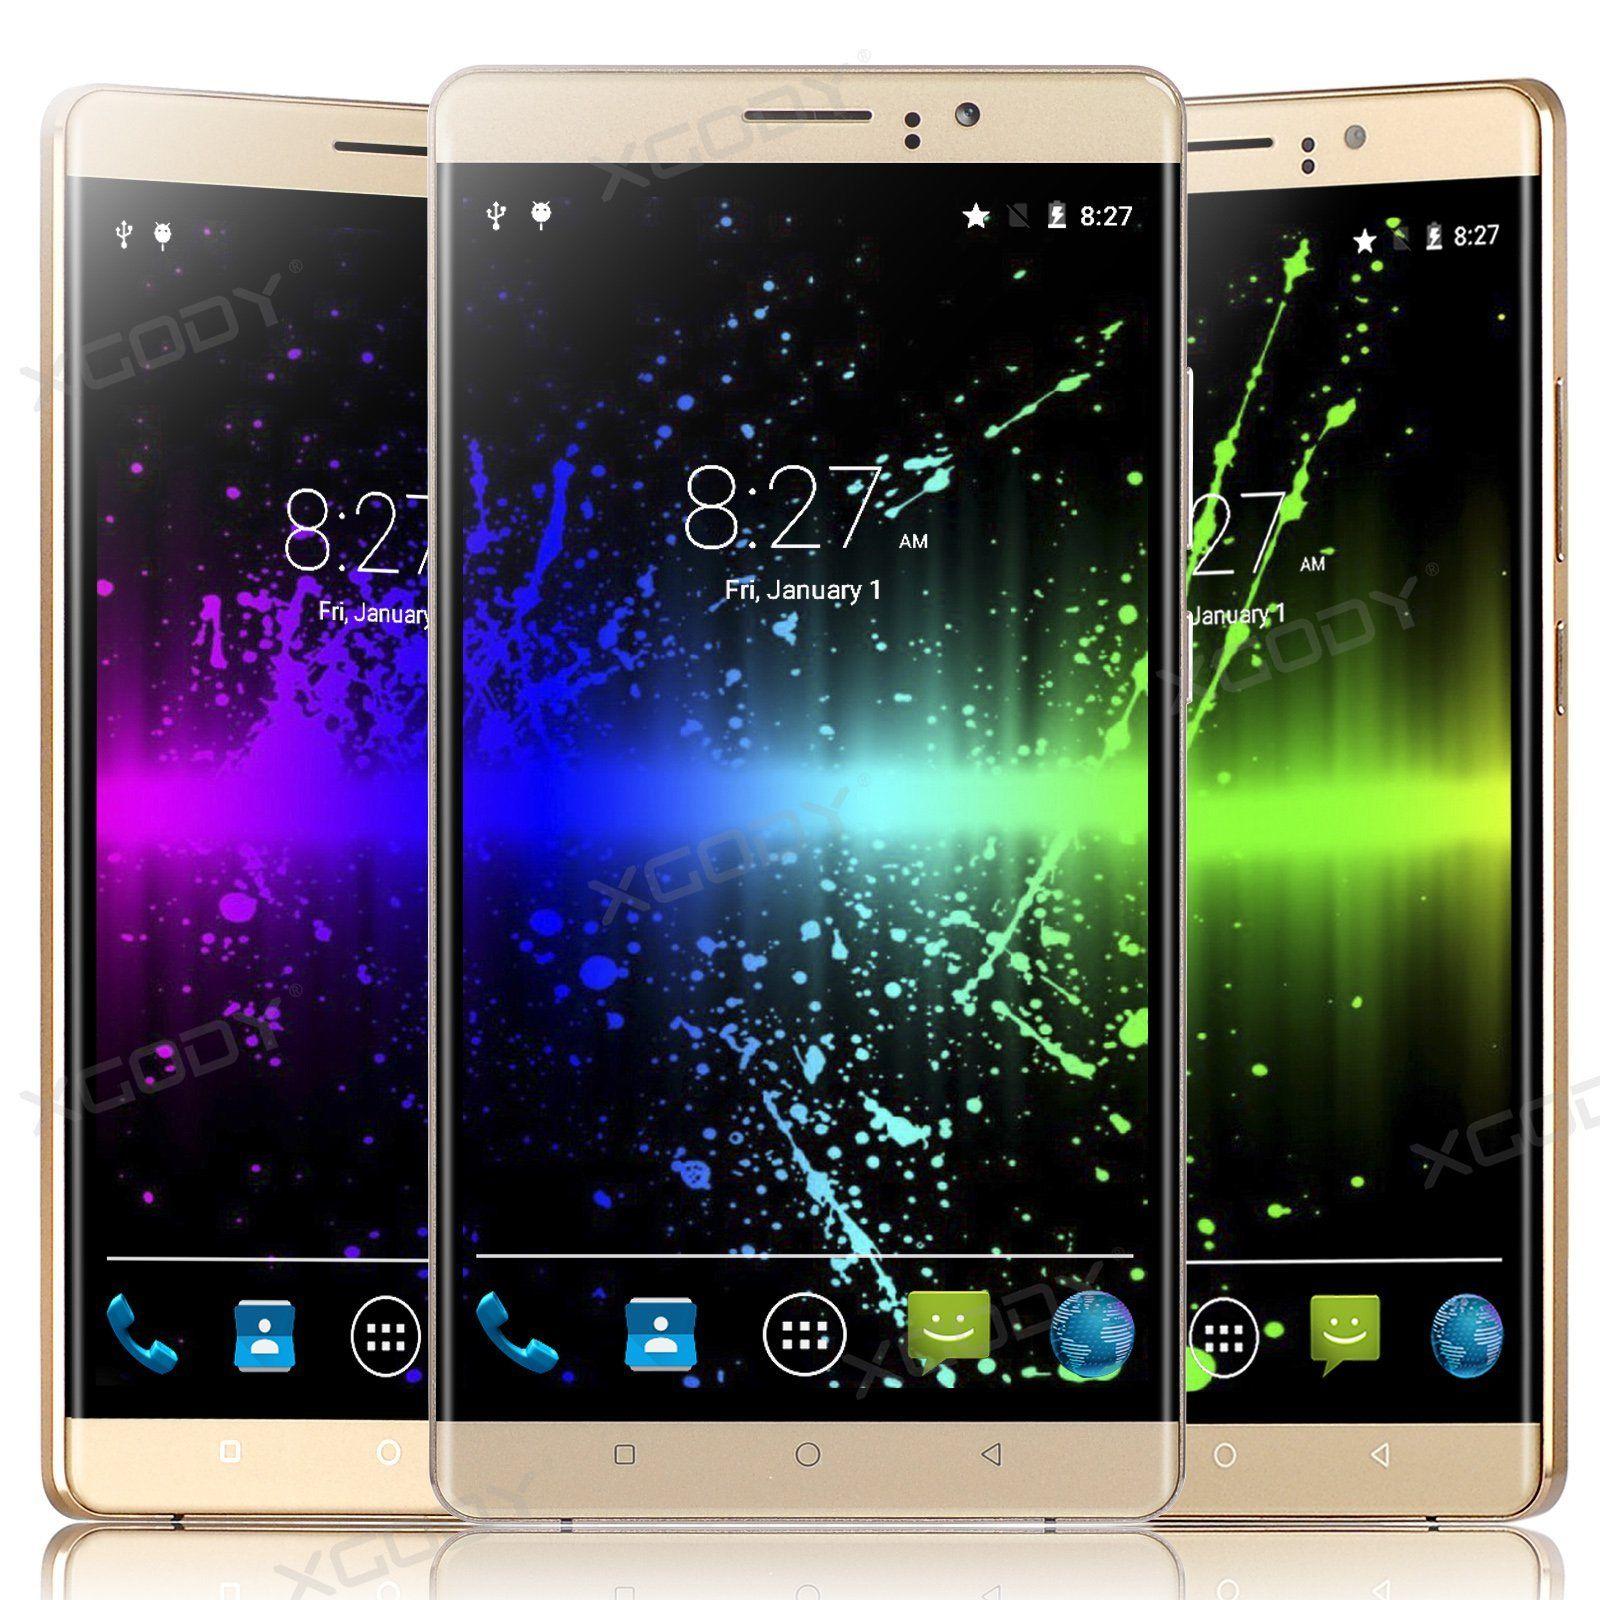 xGody Y10 Plus 6 Zoll Smartphone mit dual SIM, Quadcore Prozessor, dual SIM und 5MP Kamera (back und front) mit Versand aus DE